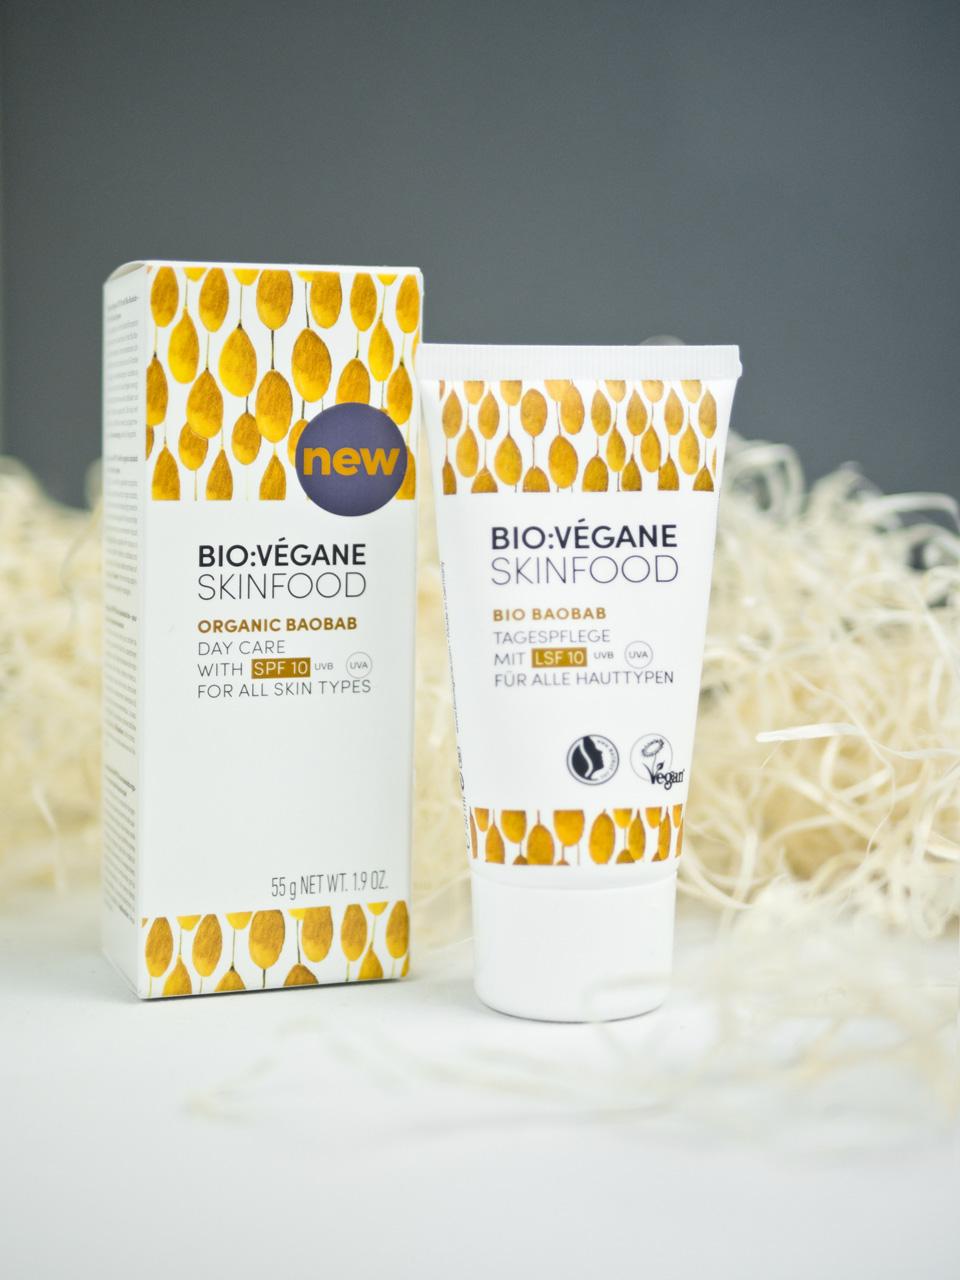 Bio:Végane Skinfood, Produkttest Bio Vegane Skinfood, Grüntee Pflegeserie, Gesichtspflege für sensible Haut, sensible Haut, trockene Haut, Hautpflege, Gesichtspflegeroutine, Reinigung, Pickeltupfer, Tagescreme, Gesicht, Skincare, Hautpflege für sensible Haut, Hautpflege